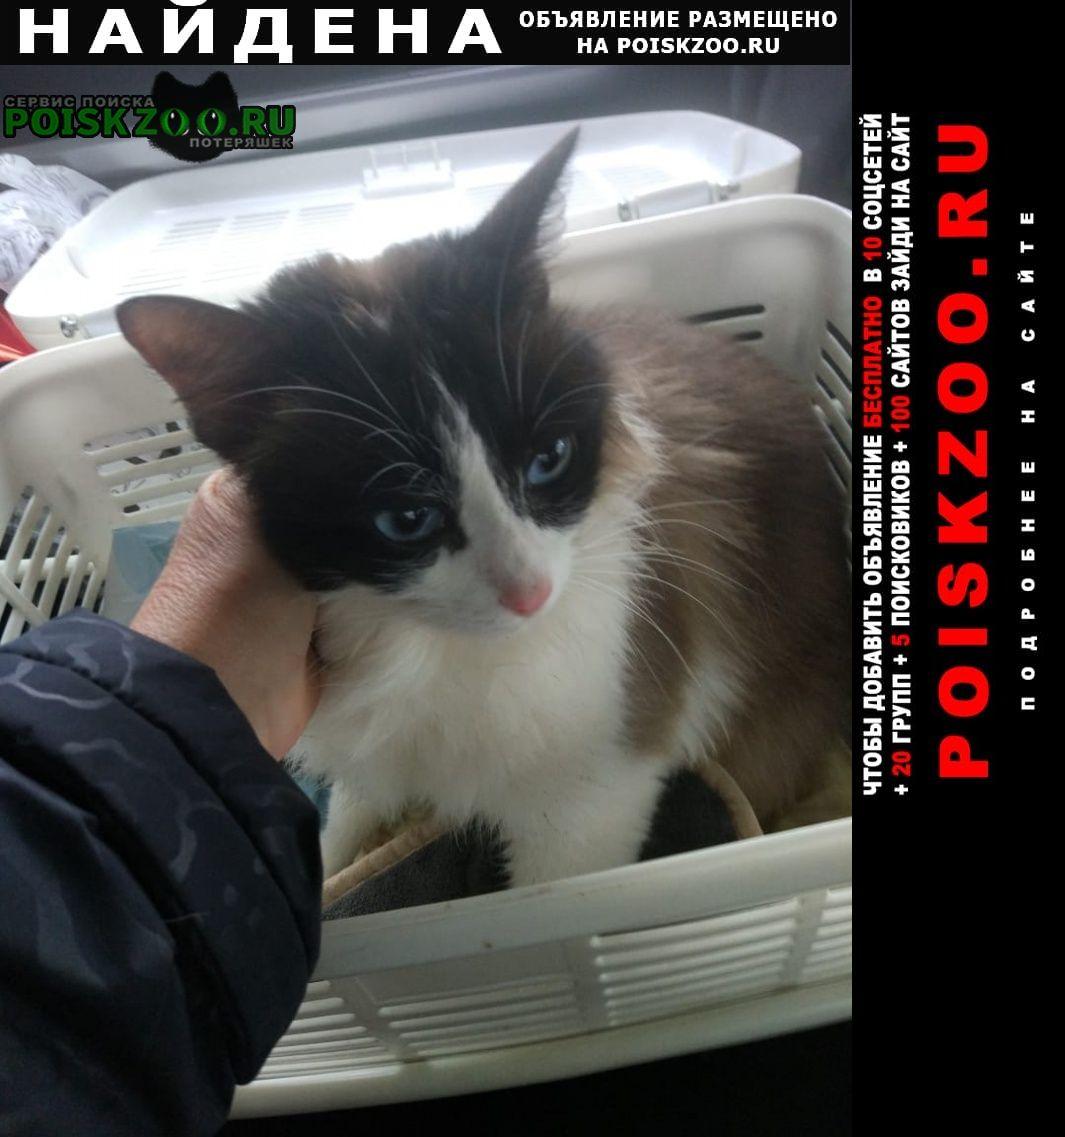 Найдена кошка ясенево Москва